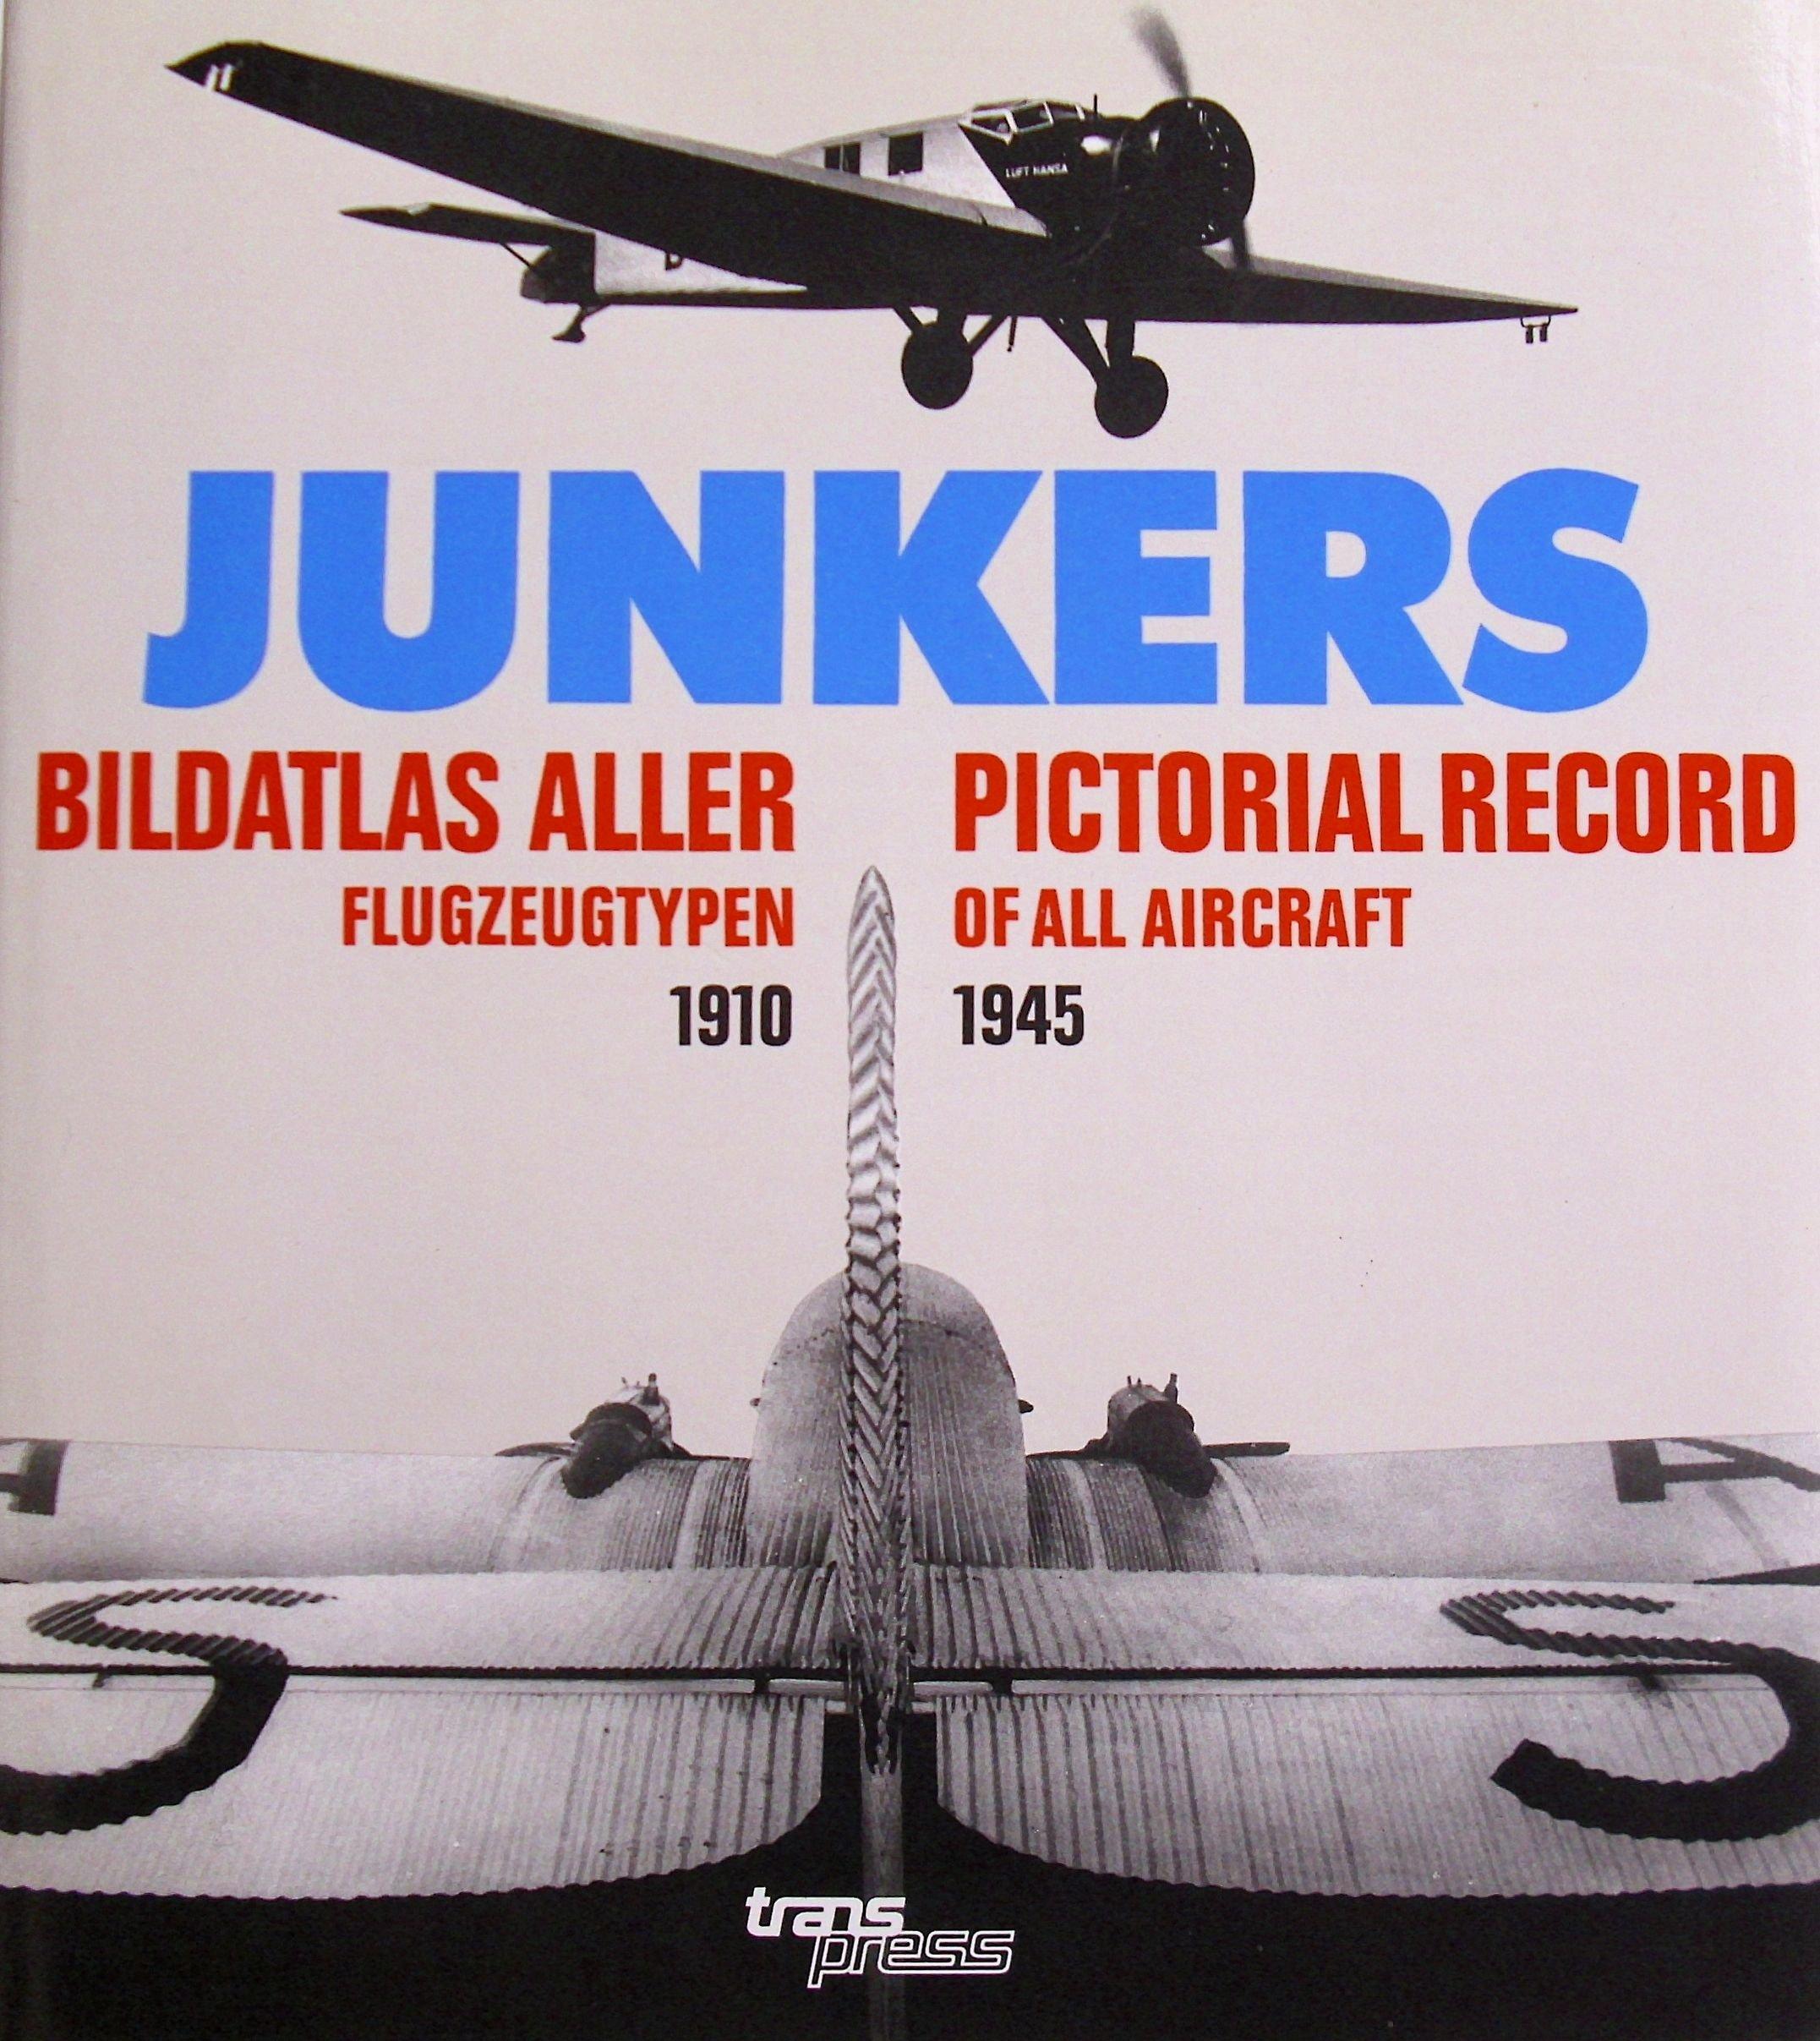 Junkers - Bildatlas aller Flugzeugtypen 1910-1945